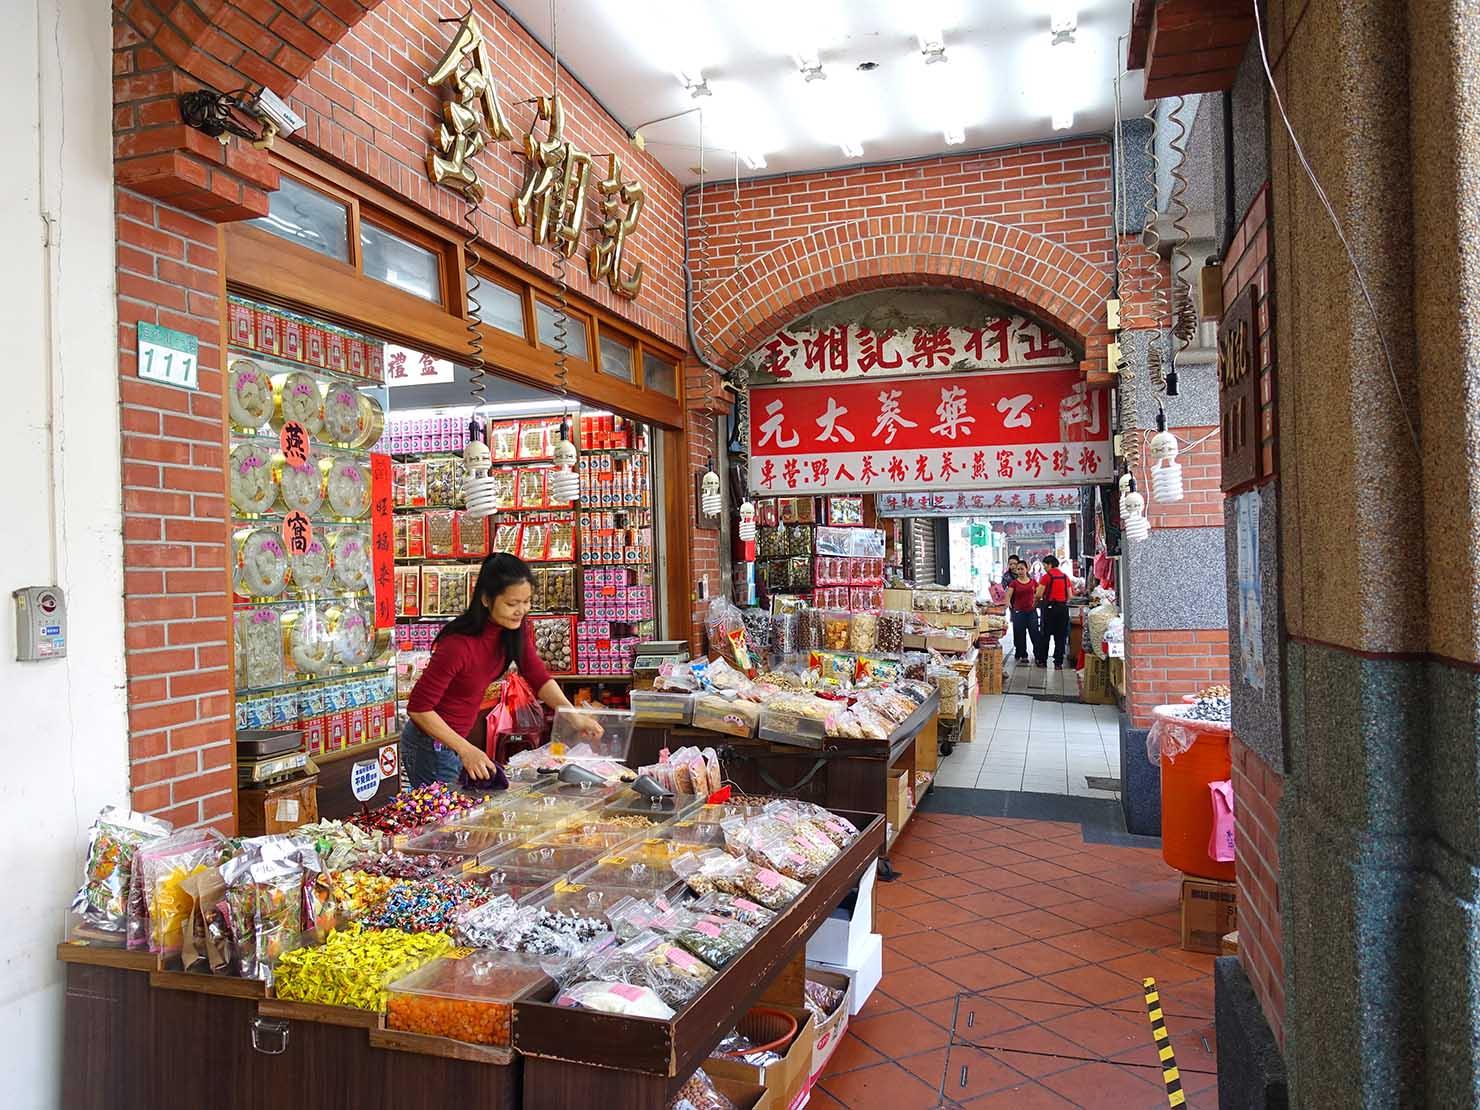 春節(旧正月)を迎えたの台北の観光スポット「迪化街」の乾物屋さん